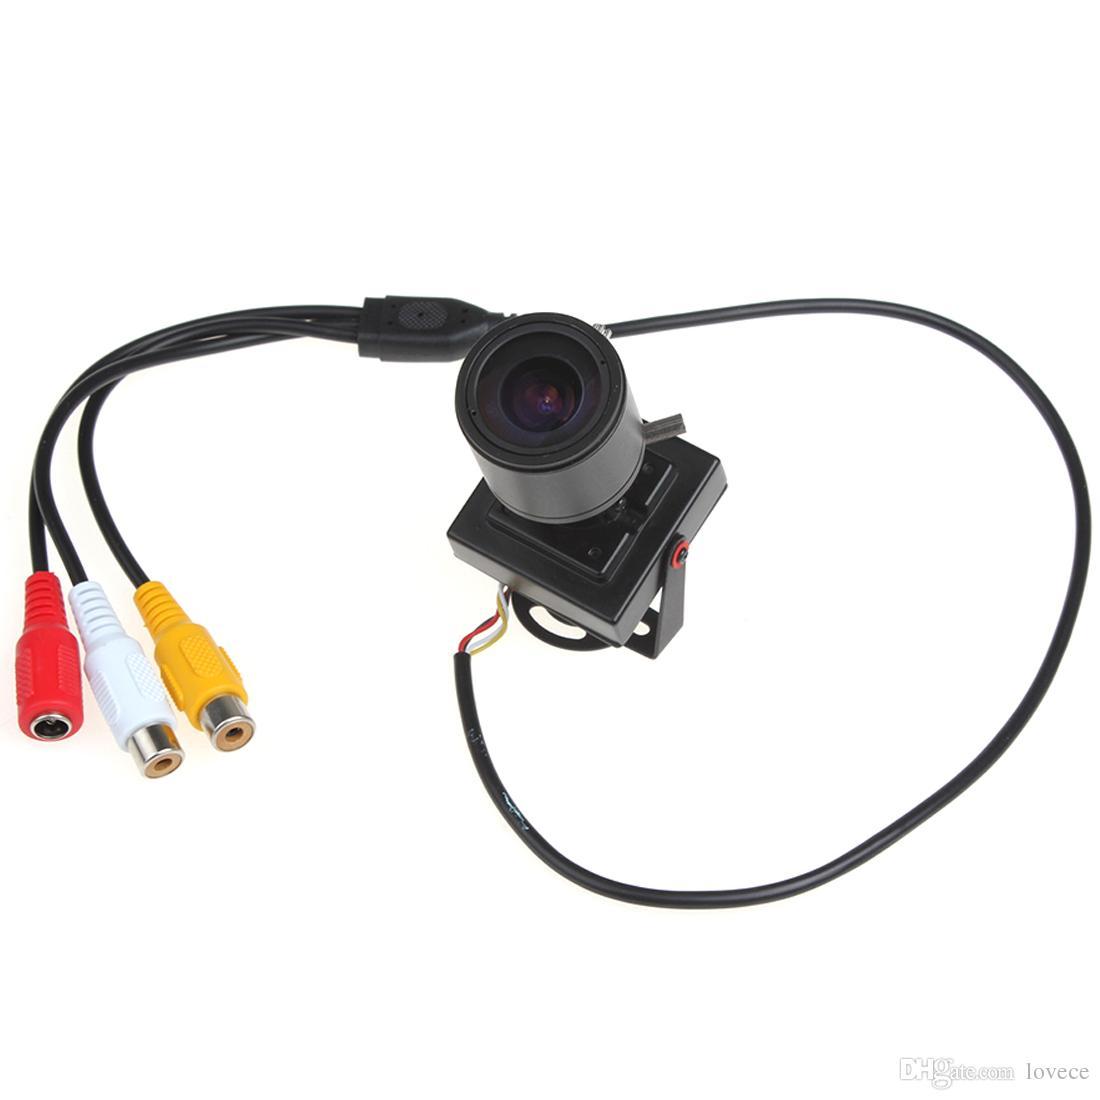 2.8-12 mm 수동 렌즈 소형 HD 700TVL 1/3 CMOS 안전 오디오 영상 색깔 CCTV 사진기 CCT_535